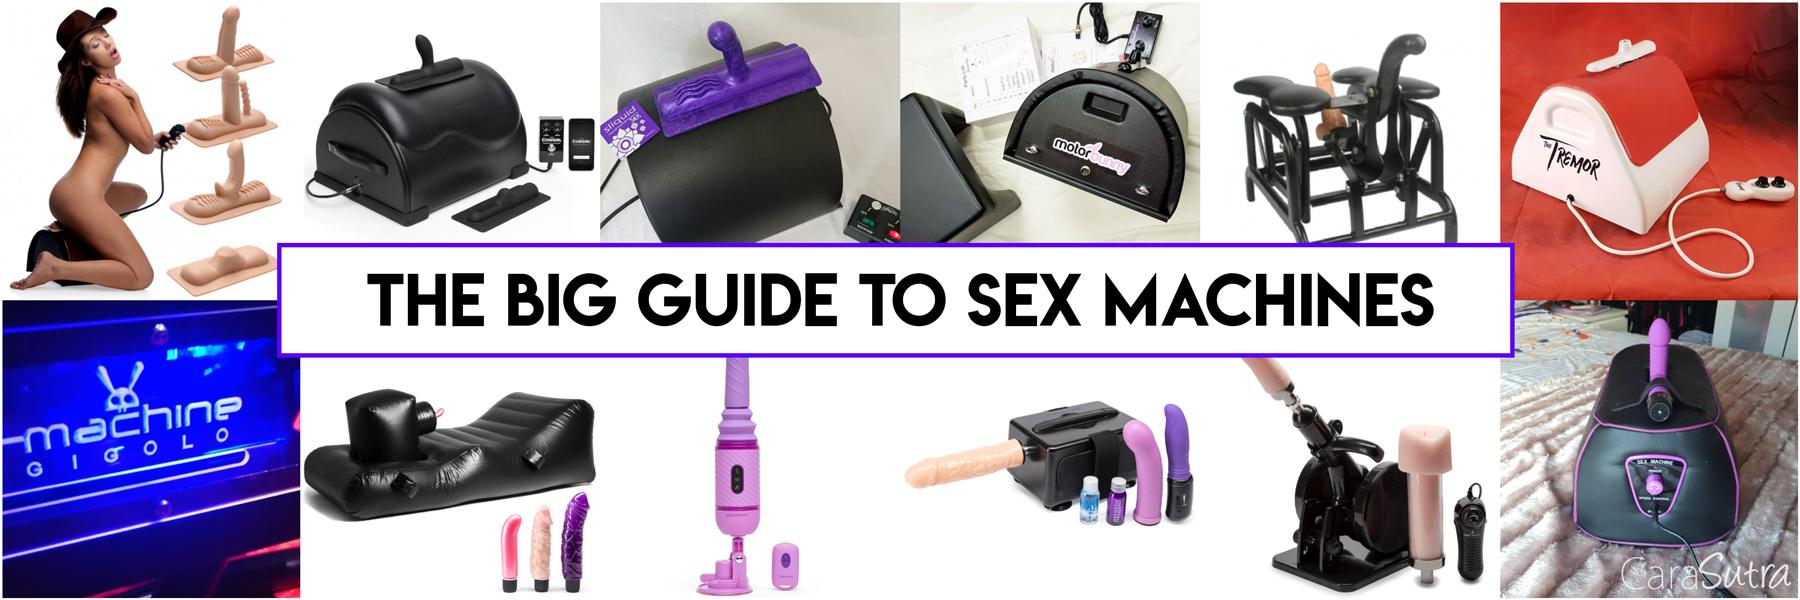 Step mom porn categories